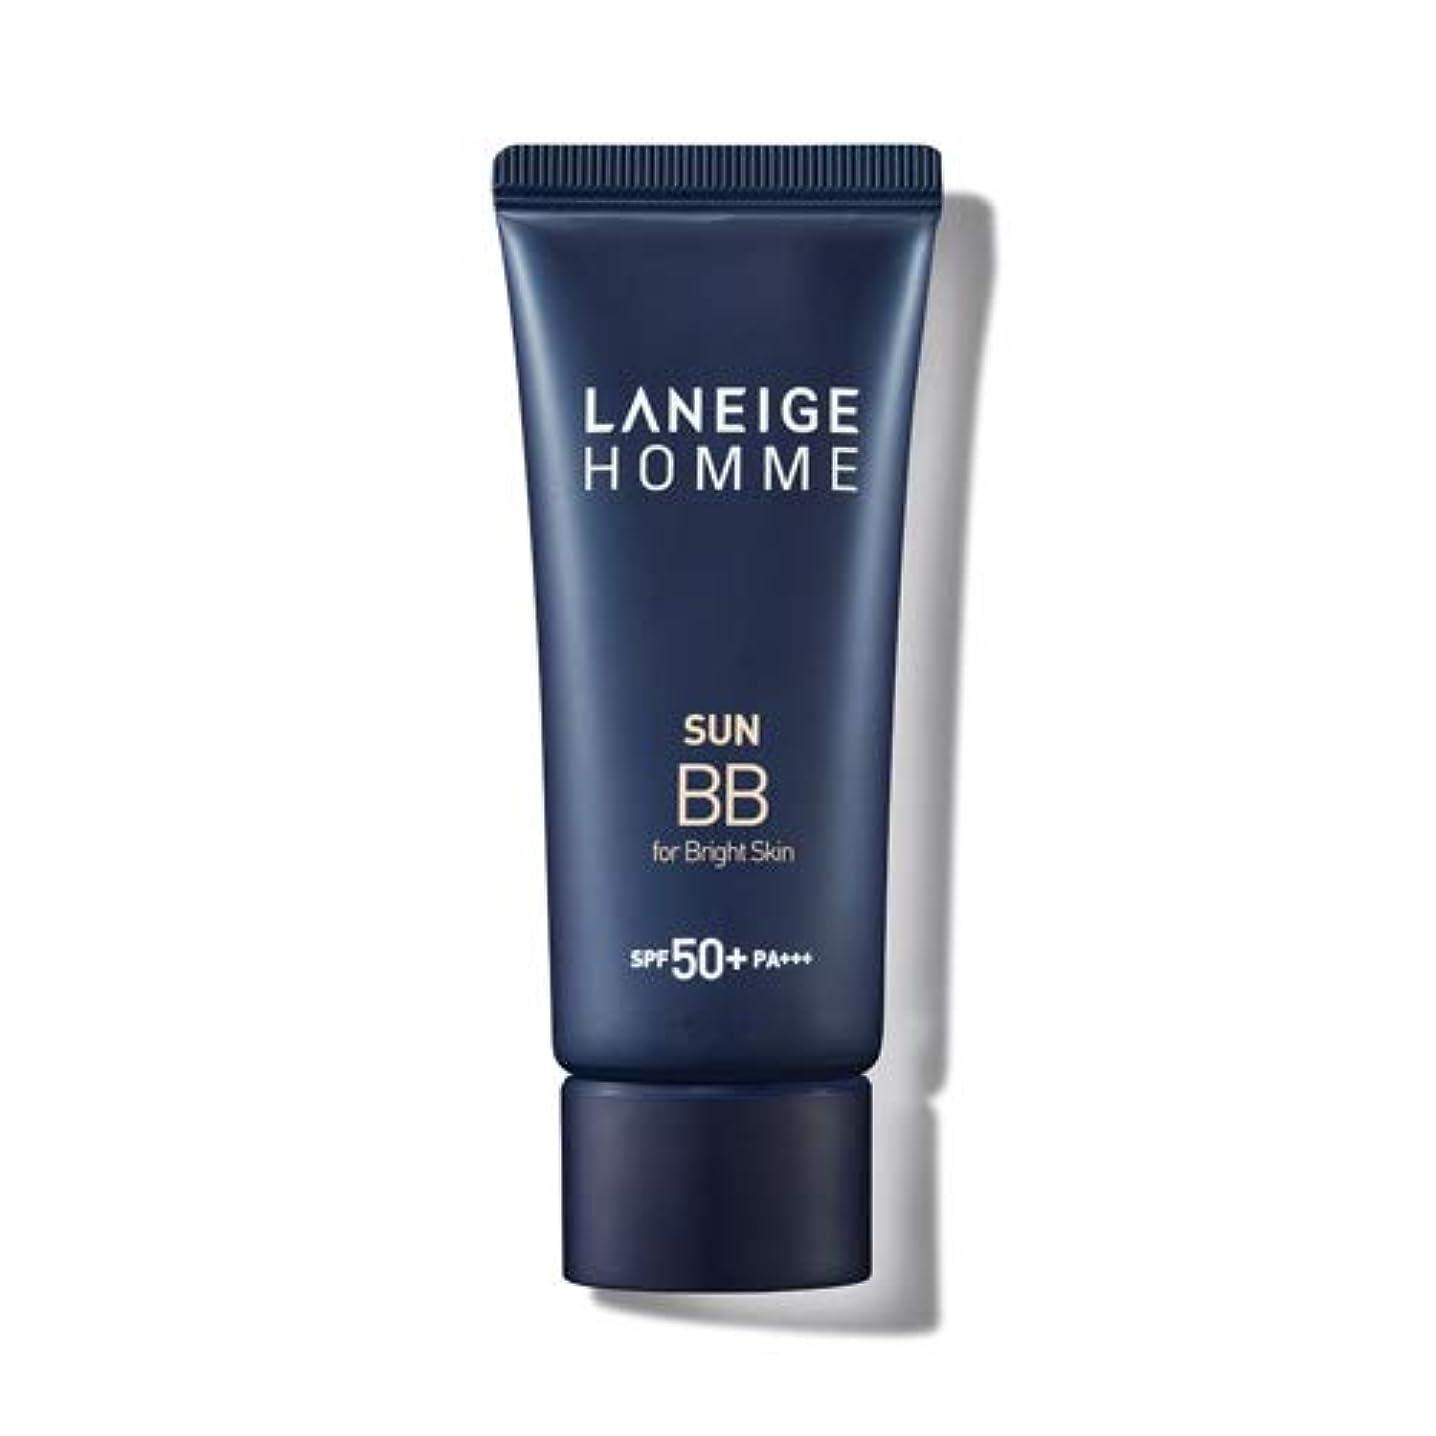 戦術後悔落とし穴LANEIGE HOMME Sun BBブライトスキン/ダークスキンSPF50 + PA +++用(男性用)韓国の人気男性BBクリーム紫外線遮断スキンケア老化防止ローションの代わりに使用可能な水分 (軽い肌にbright skin)